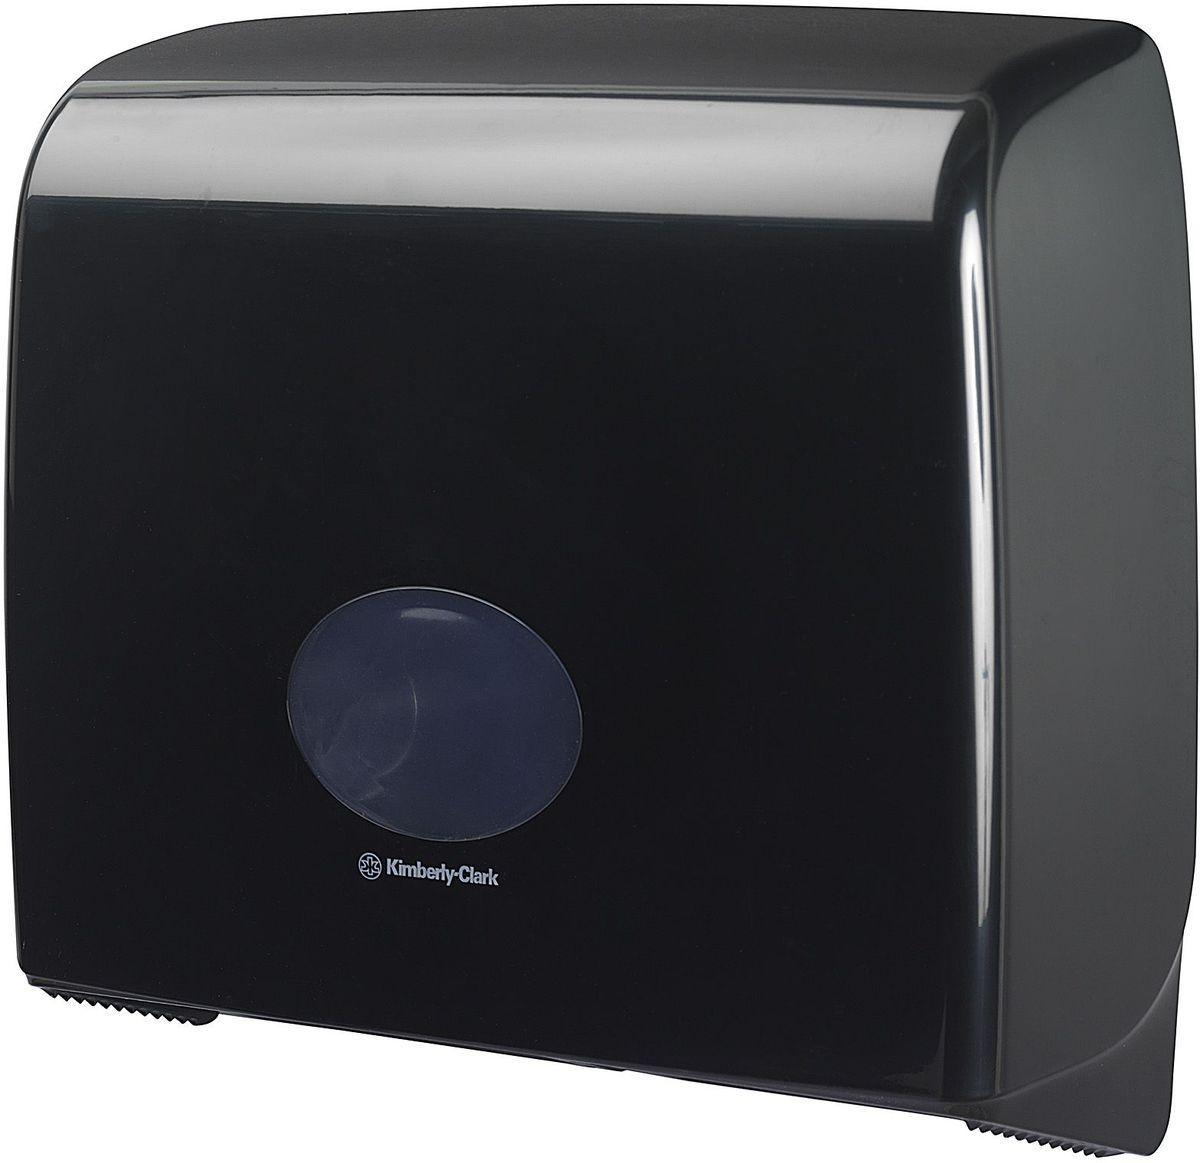 Диспенсер для туалетной бумаги Aquarius Jumbo, большой рулон, цвет: черный. 7184RG-D31SАссортимент диспенсеров для рулонной туалетной бумаги, которые выполнены в одном стиле с диспенсерами для мыла и для полотенец для рук. Диспенсеры мотивируют сотрудников соблюдать гигиенические нормы, повышают уровень комфорта, демонстрируют заботу о персонале и помогают сократить расходы. Идеальное решение, обеспечивающее подачу рулонной туалетной бумаги из элегантного диспенсера в туалетных комнатах с высокой проходимостью, легкая загрузка, практичное, гигиеничное и экономичное решение.Формат поставки: диспенсер современного дизайна, обтекаемой формы, обеспечивающий быструю заправку; черное глянцевое, легко очищаемое покрытие; отсутствие мест скопления пыли и грязи; смотровое окно для контроля за расходными материалами; возможность выбора цветовых вставок в соответствие с интерьером конкретных туалетных комнат. Замена диспенсера 6987. Совместим с туалетной бумагой: 8440, 8442, 8446, 8449, 8474, 8484, 8517, 8519, 8559.